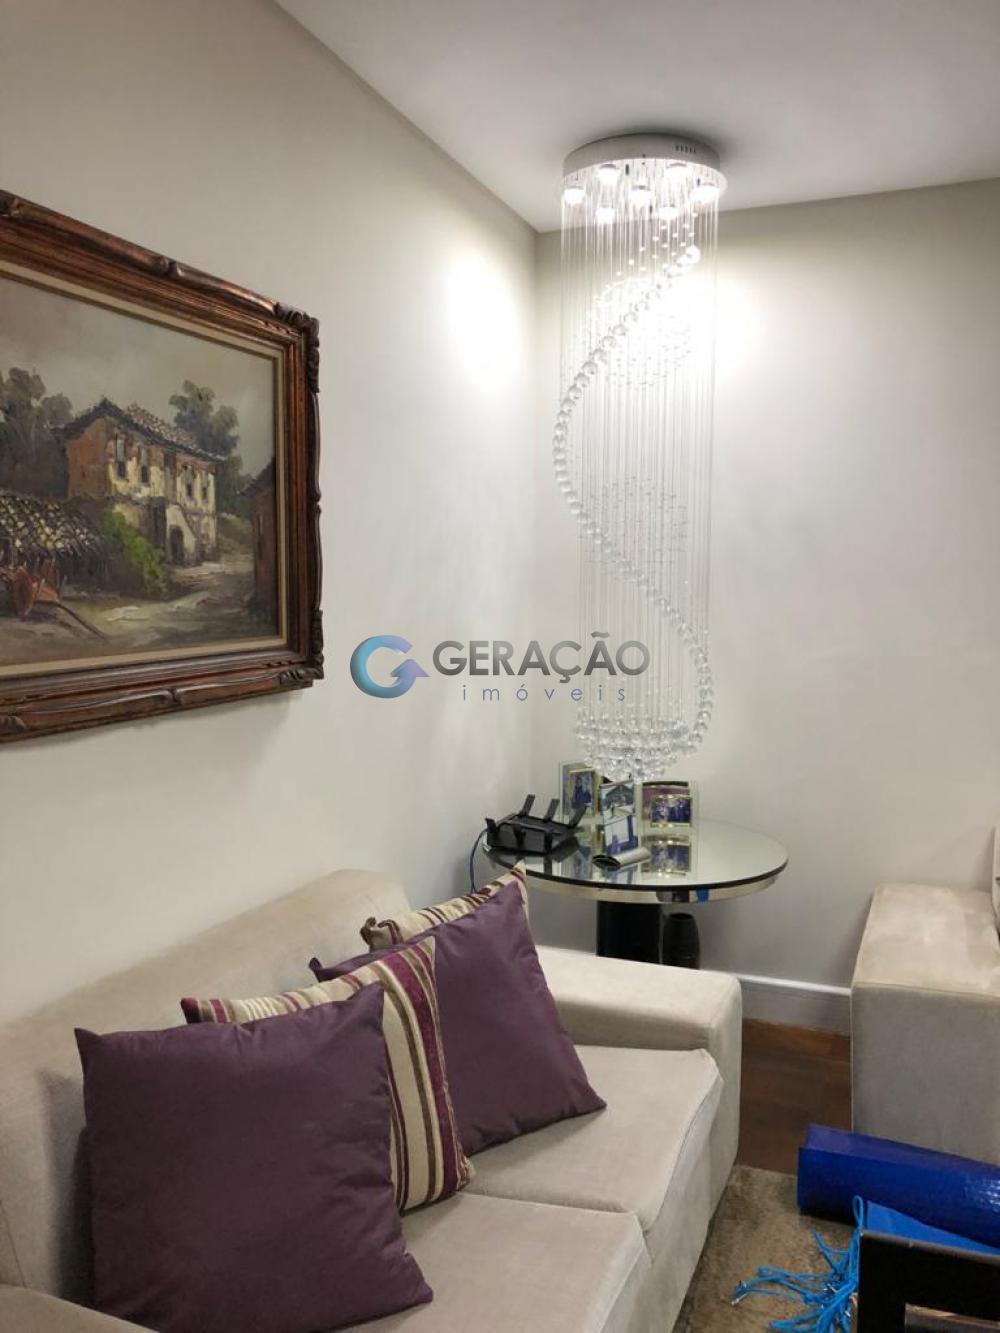 Comprar Apartamento / Padrão em São José dos Campos R$ 1.000.000,00 - Foto 4